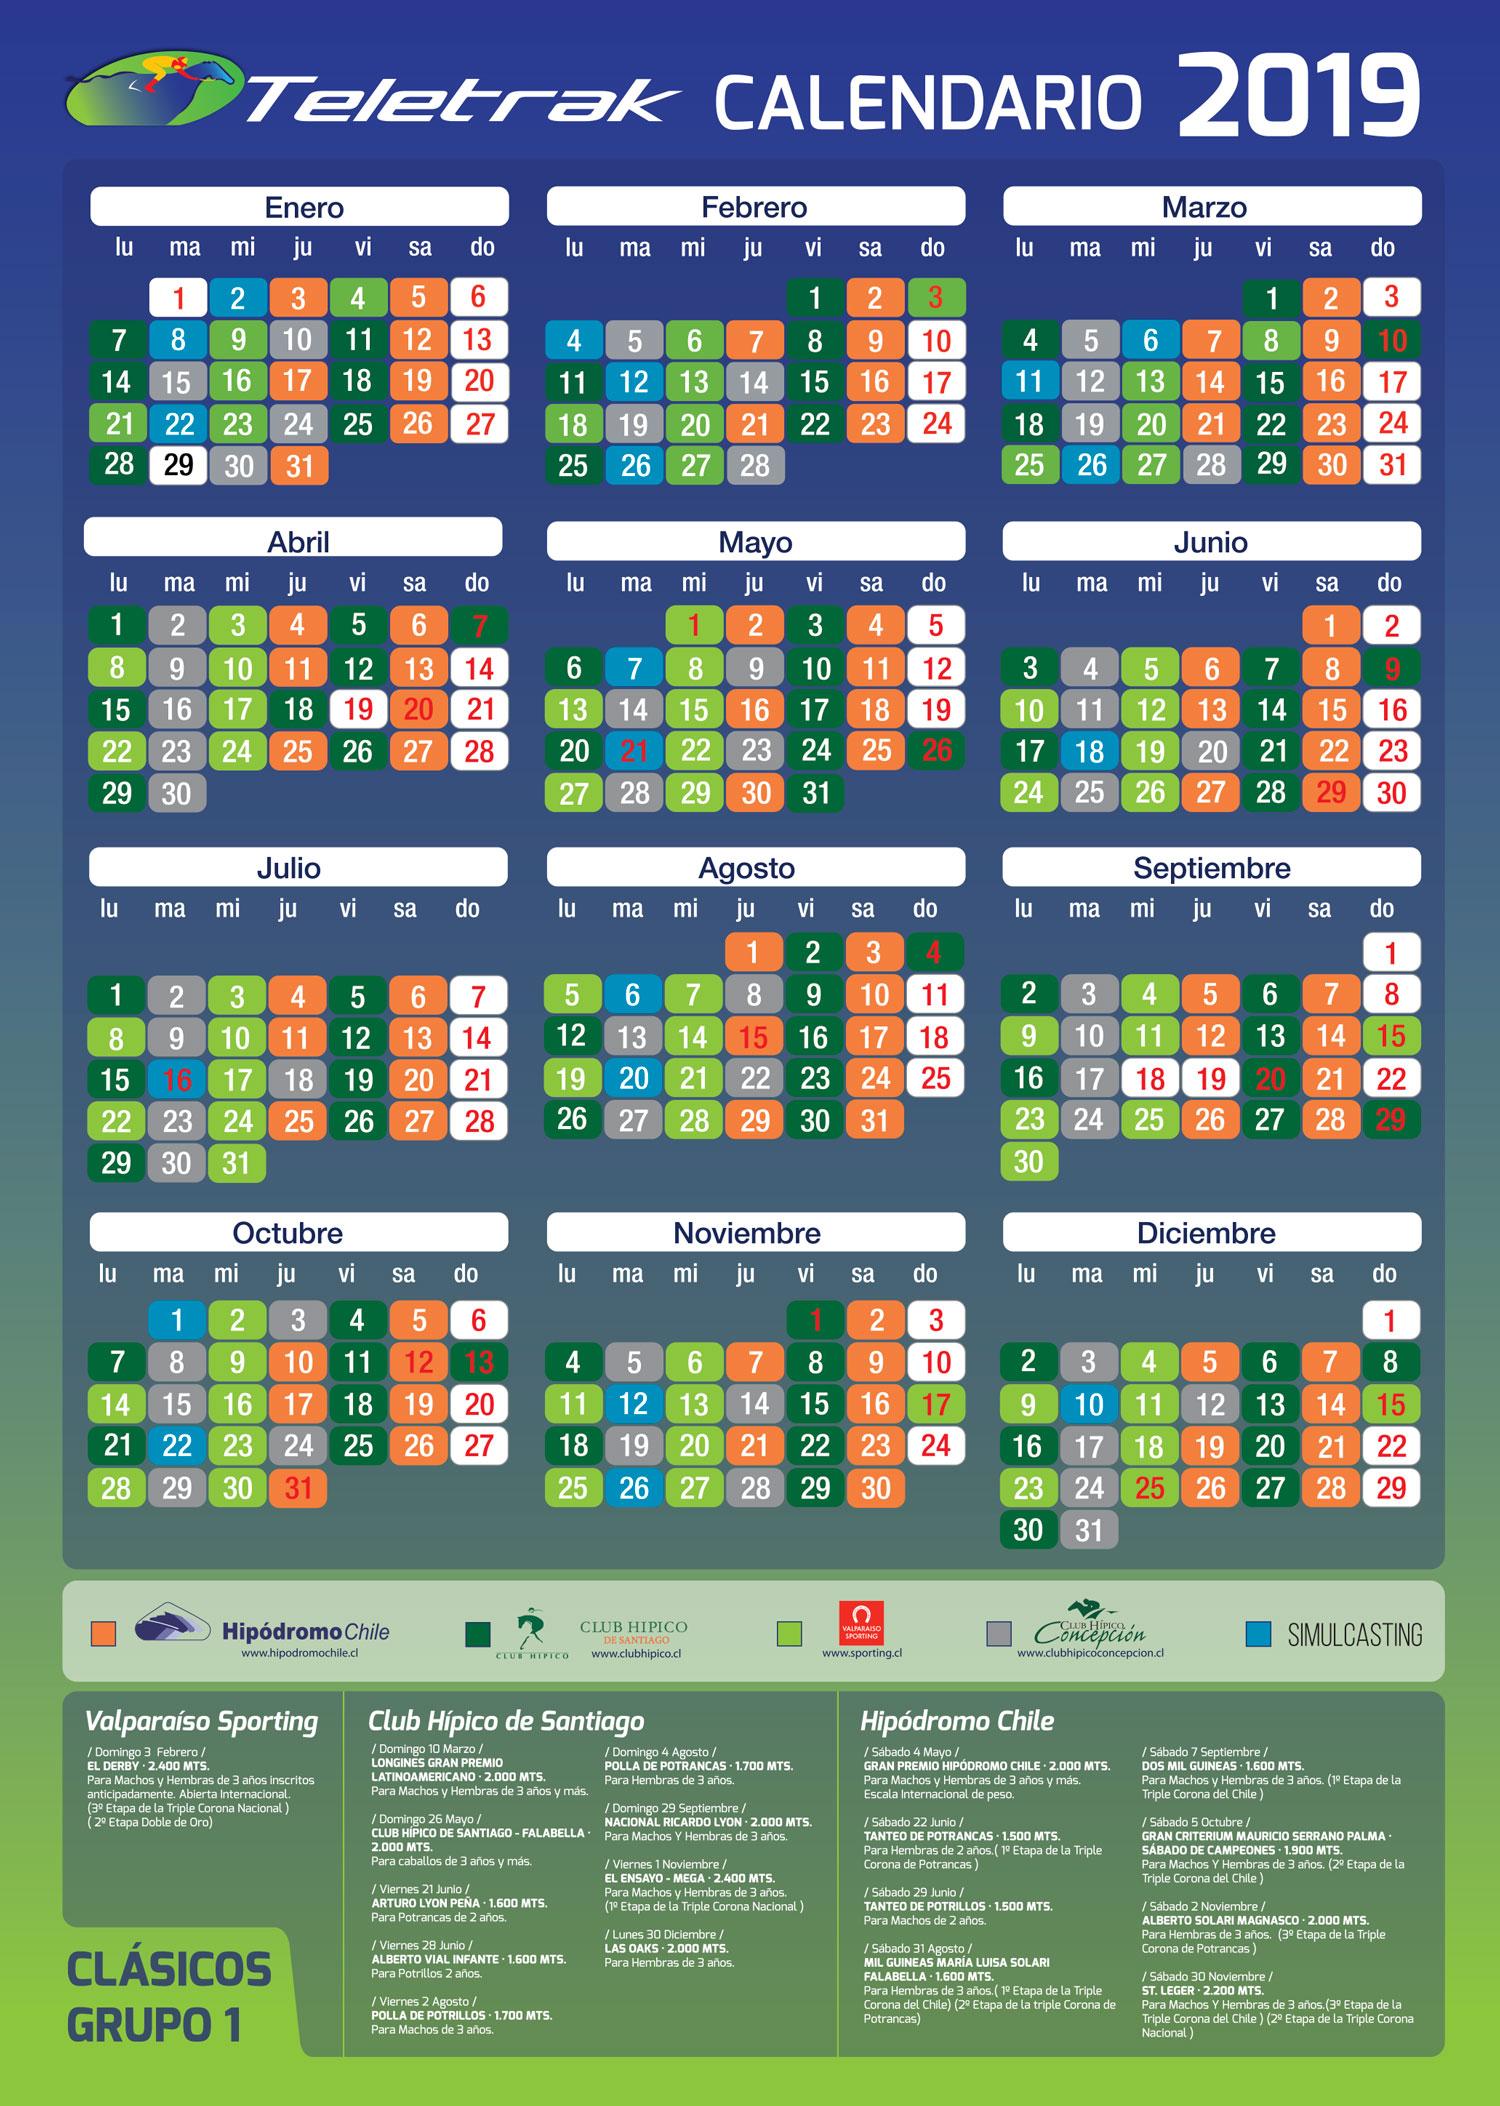 Calendario Diciembre 2019 Chile.Calendario Teletrak